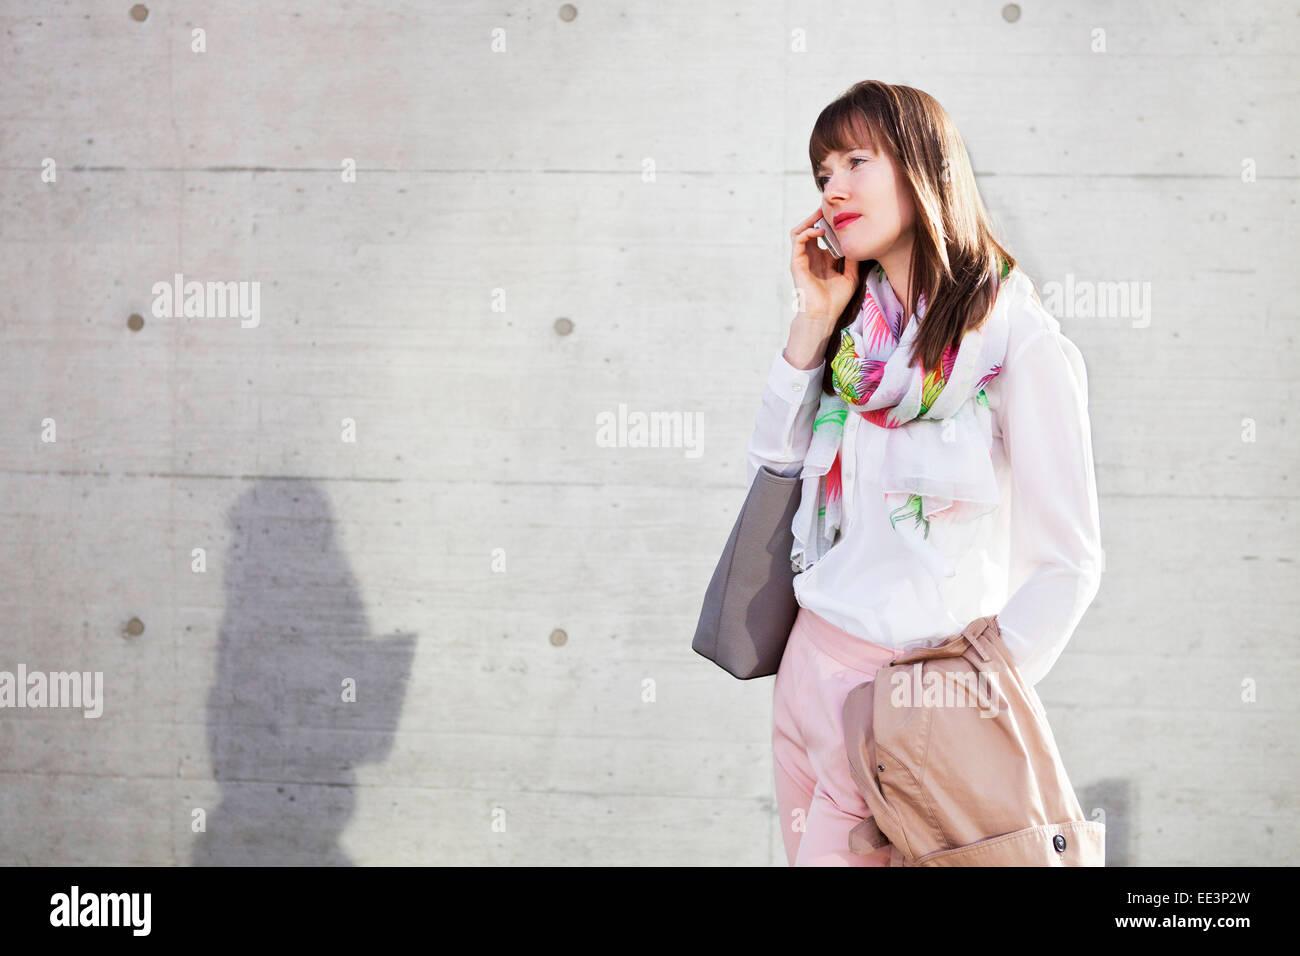 Giovane donna usando il telefono all'aperto, Monaco di Baviera, Germania Immagini Stock